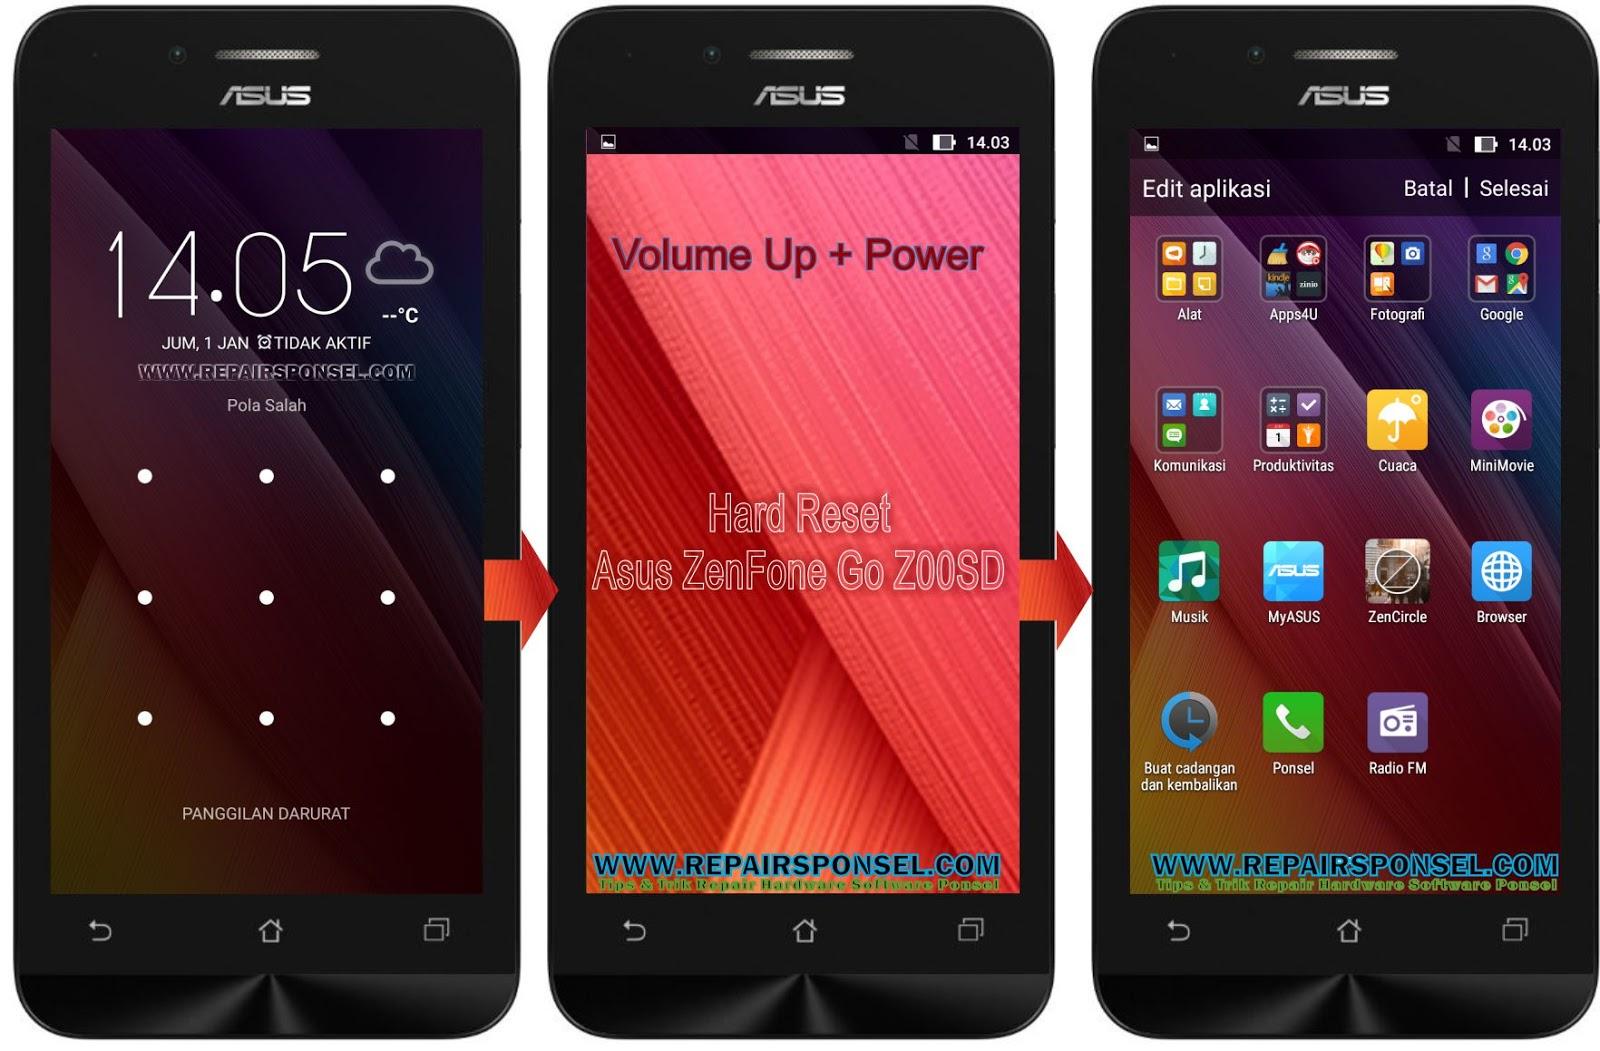 Jual Asus Zenfone Go Zb452kg Hard Reset Factory And Seiko Lord Jam Tangan Pria Ssa073k1 Perak Cara Z00sd